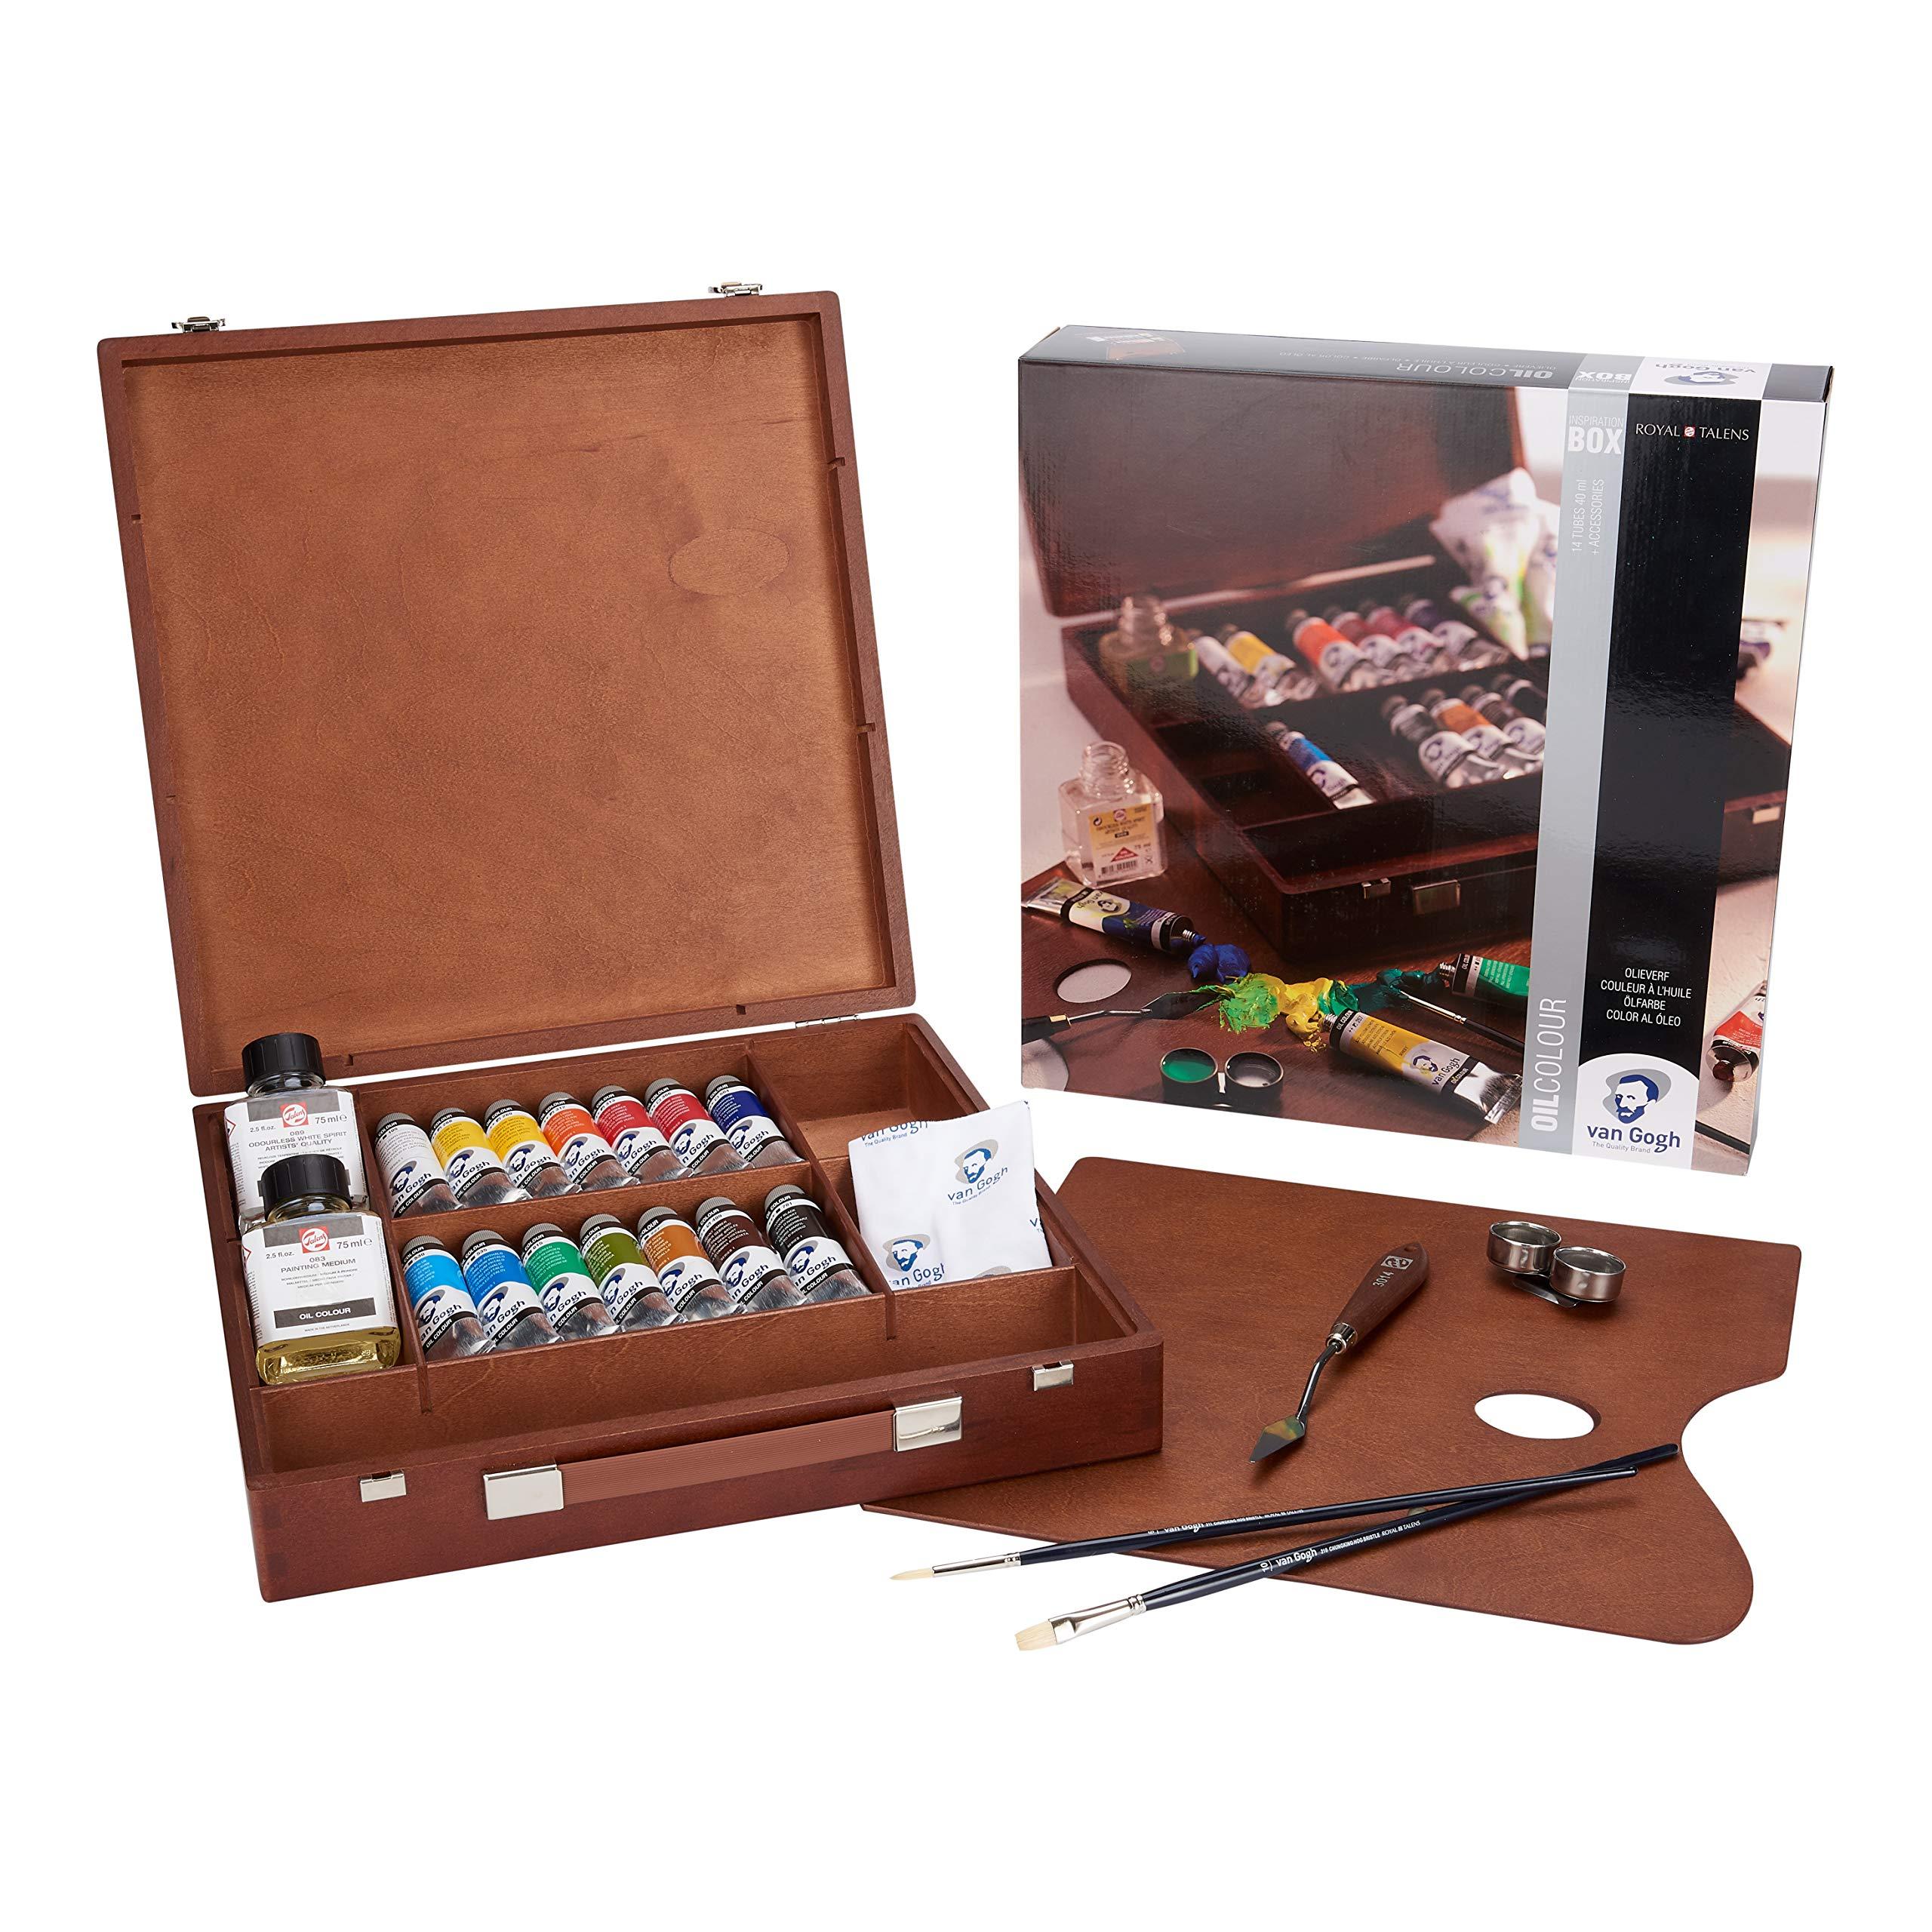 Royal Talens Van Gogh Caja De Madera Lujo Pintura Al óleo Set: Amazon.es: Juguetes y juegos